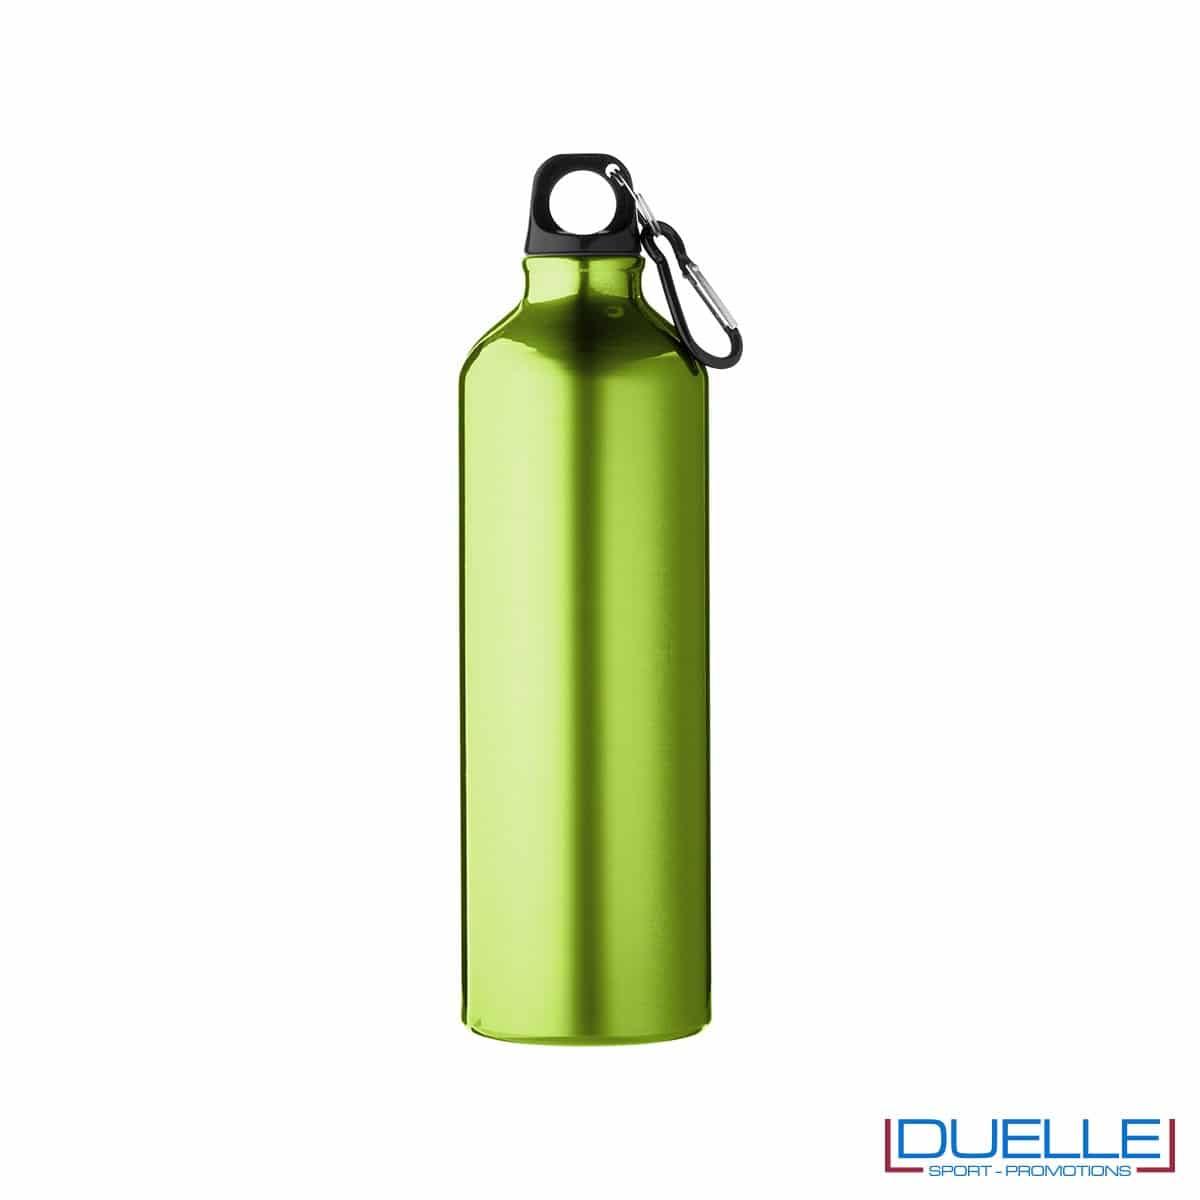 Borraccia in alluminio personalizzata con incisione laser. Borraccia con moschettone, capacità 770 ml, colore verde